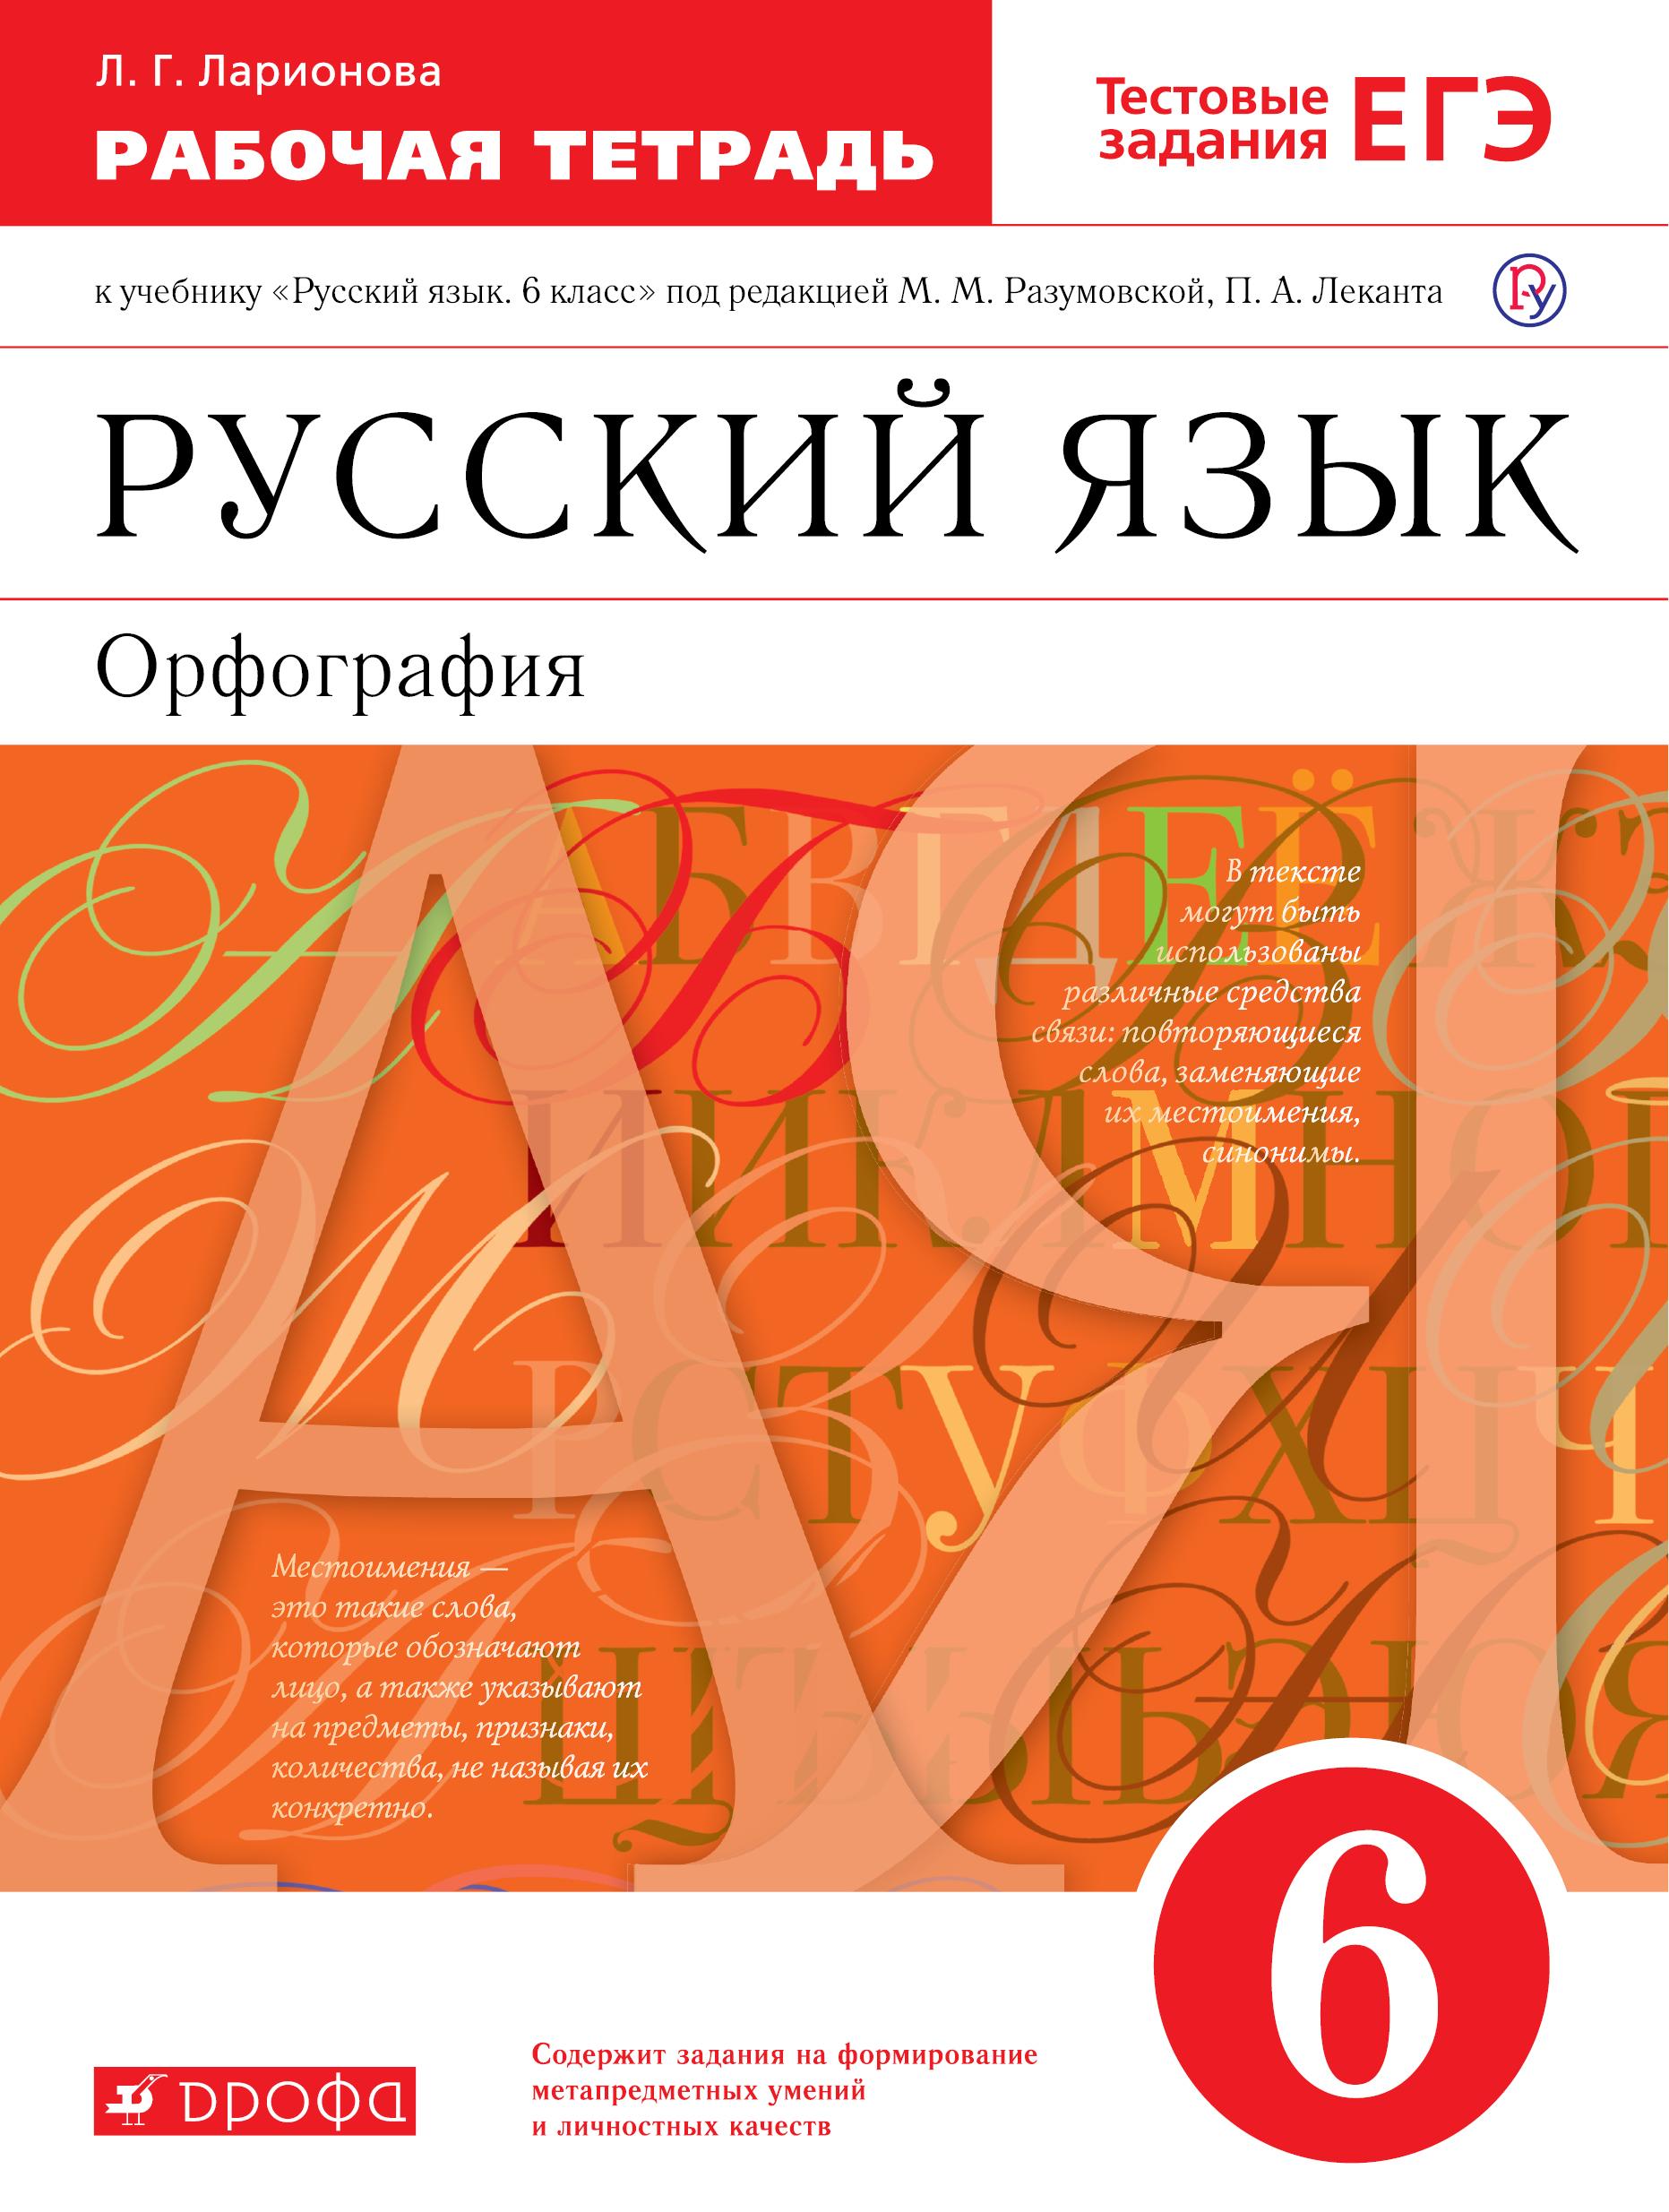 Пособие упражнений гдз учебное сборник язык русский